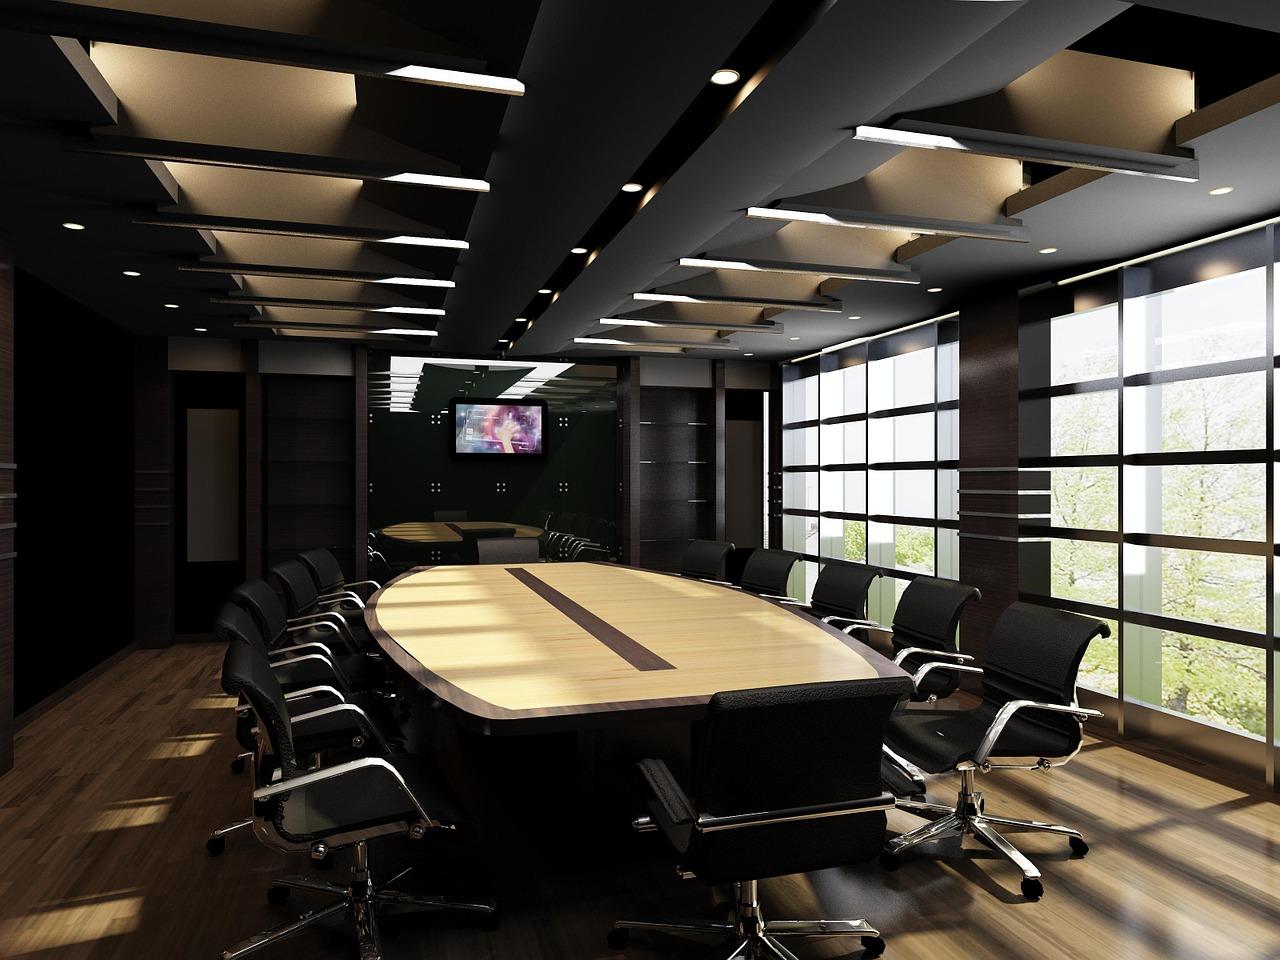 目的別・予算別で選ぶシンガポールのレンタルオフィス9選